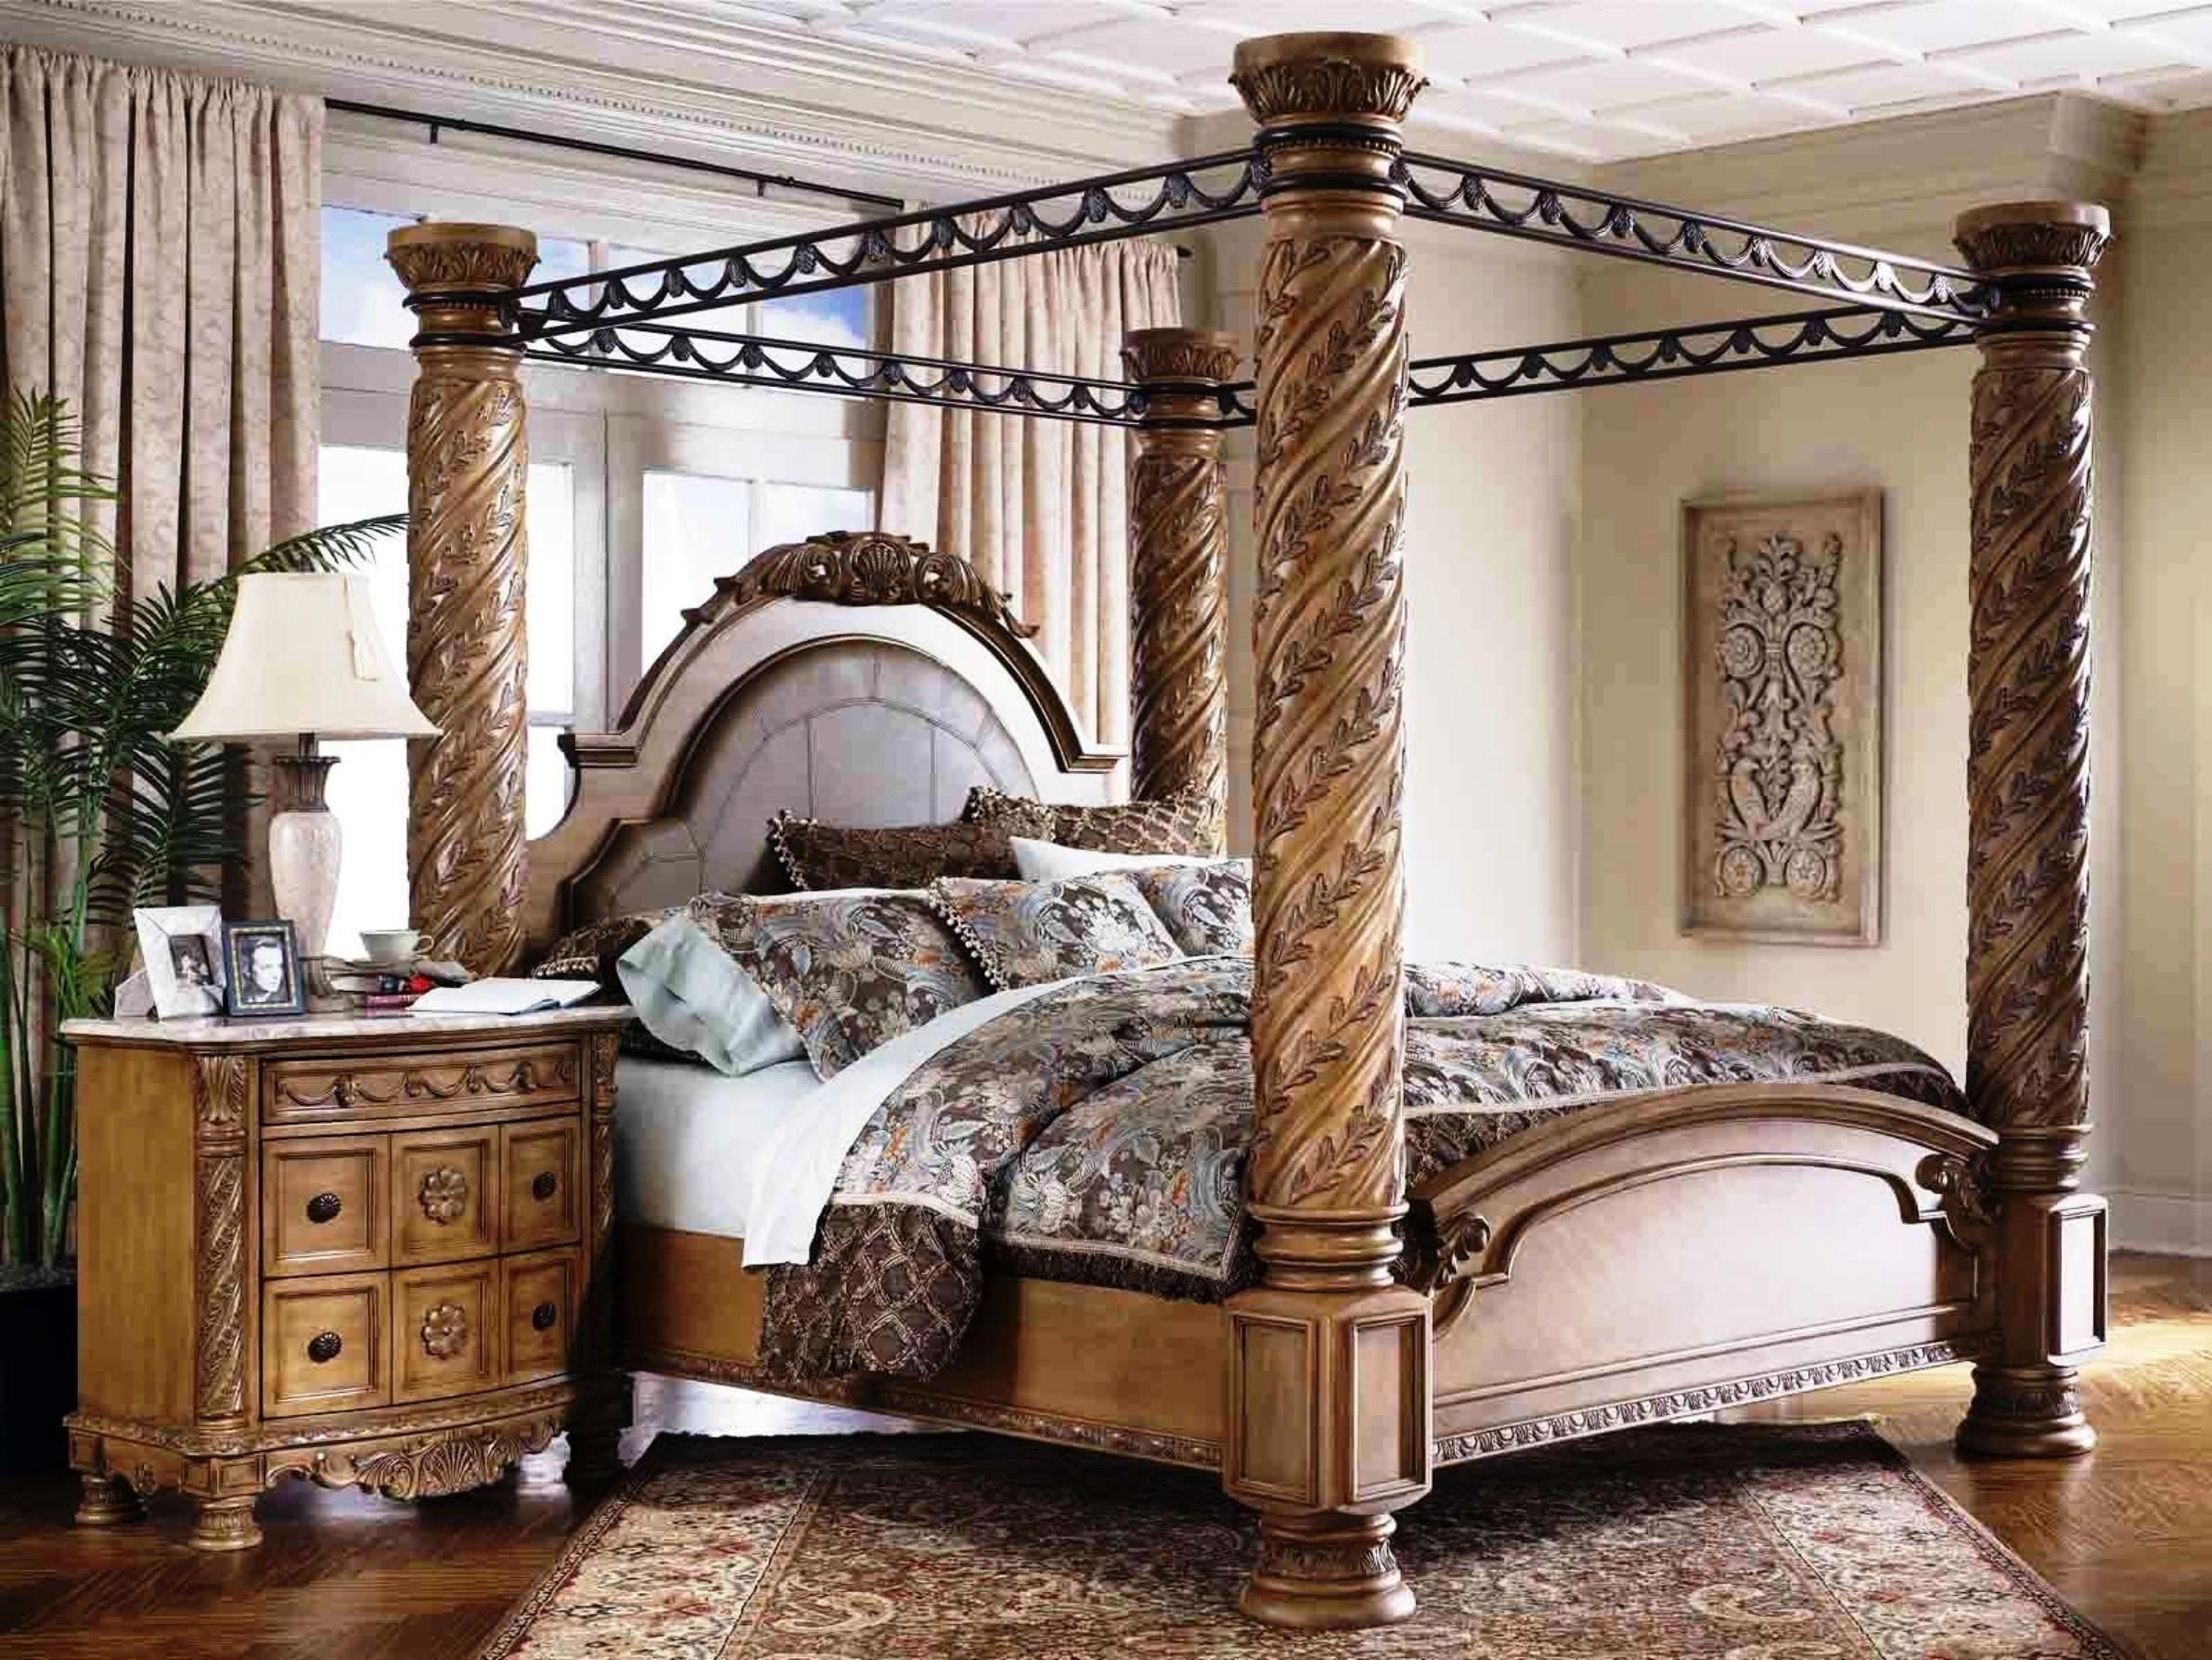 Four poster king bed sets & Four Poster King Bed Sets - Foter